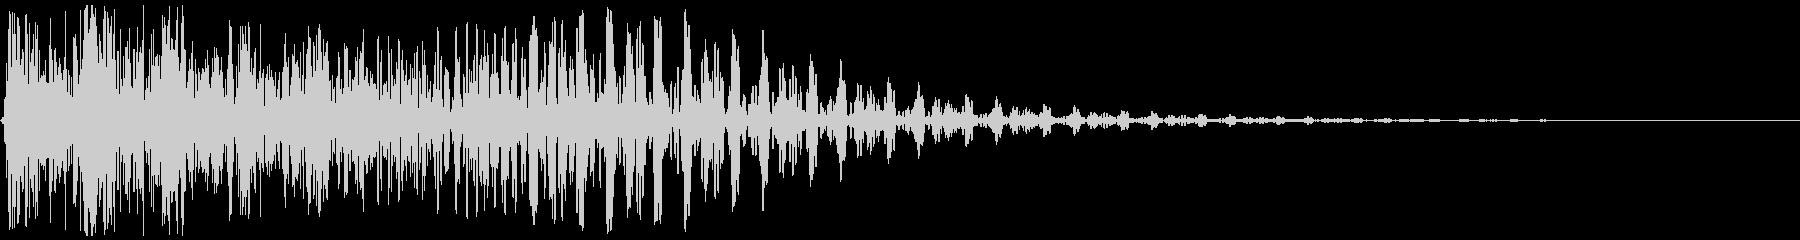 タップ、クリック、キャンセル(音圧高め)の未再生の波形